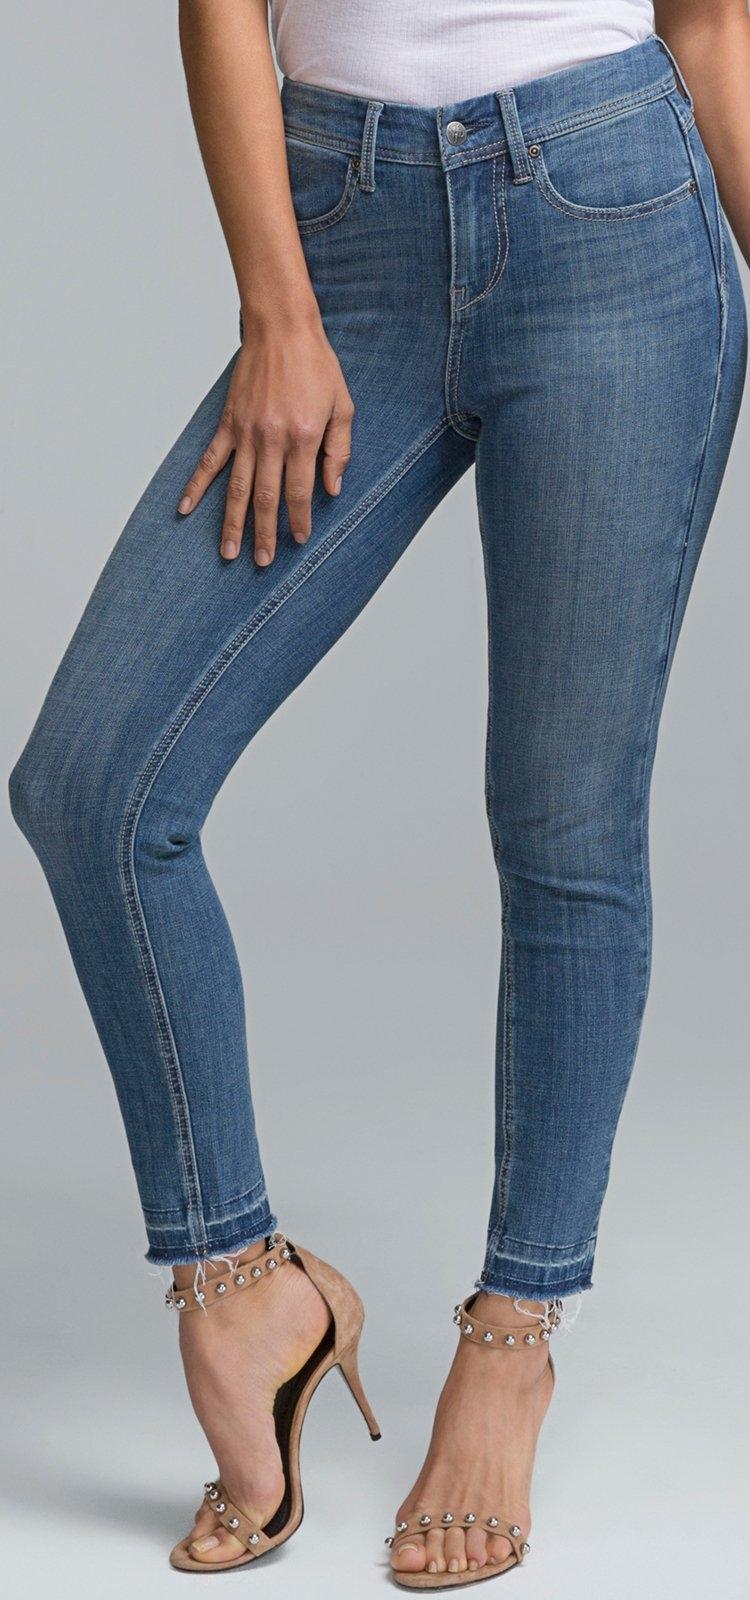 Nydj Boost Skinny »in Curves 360 Denim« - gratis ruilen op otto.nl